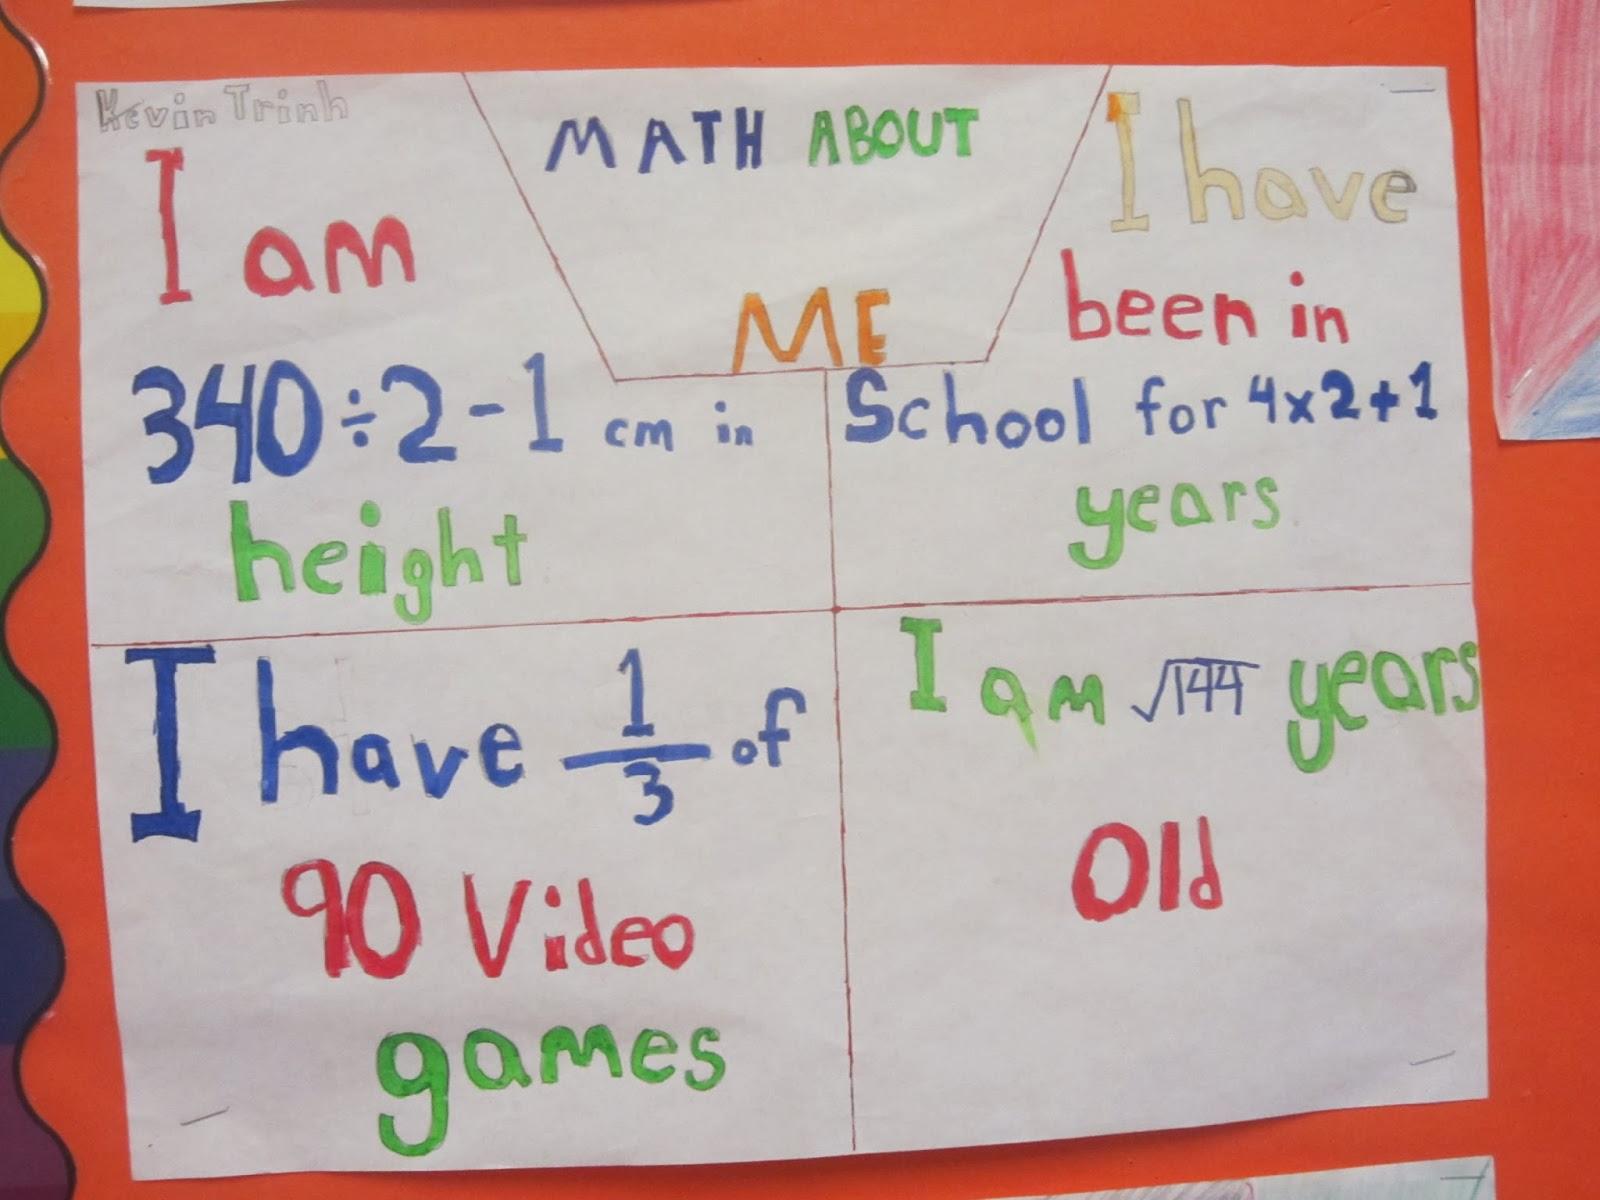 Abq Math Blog Math About Me